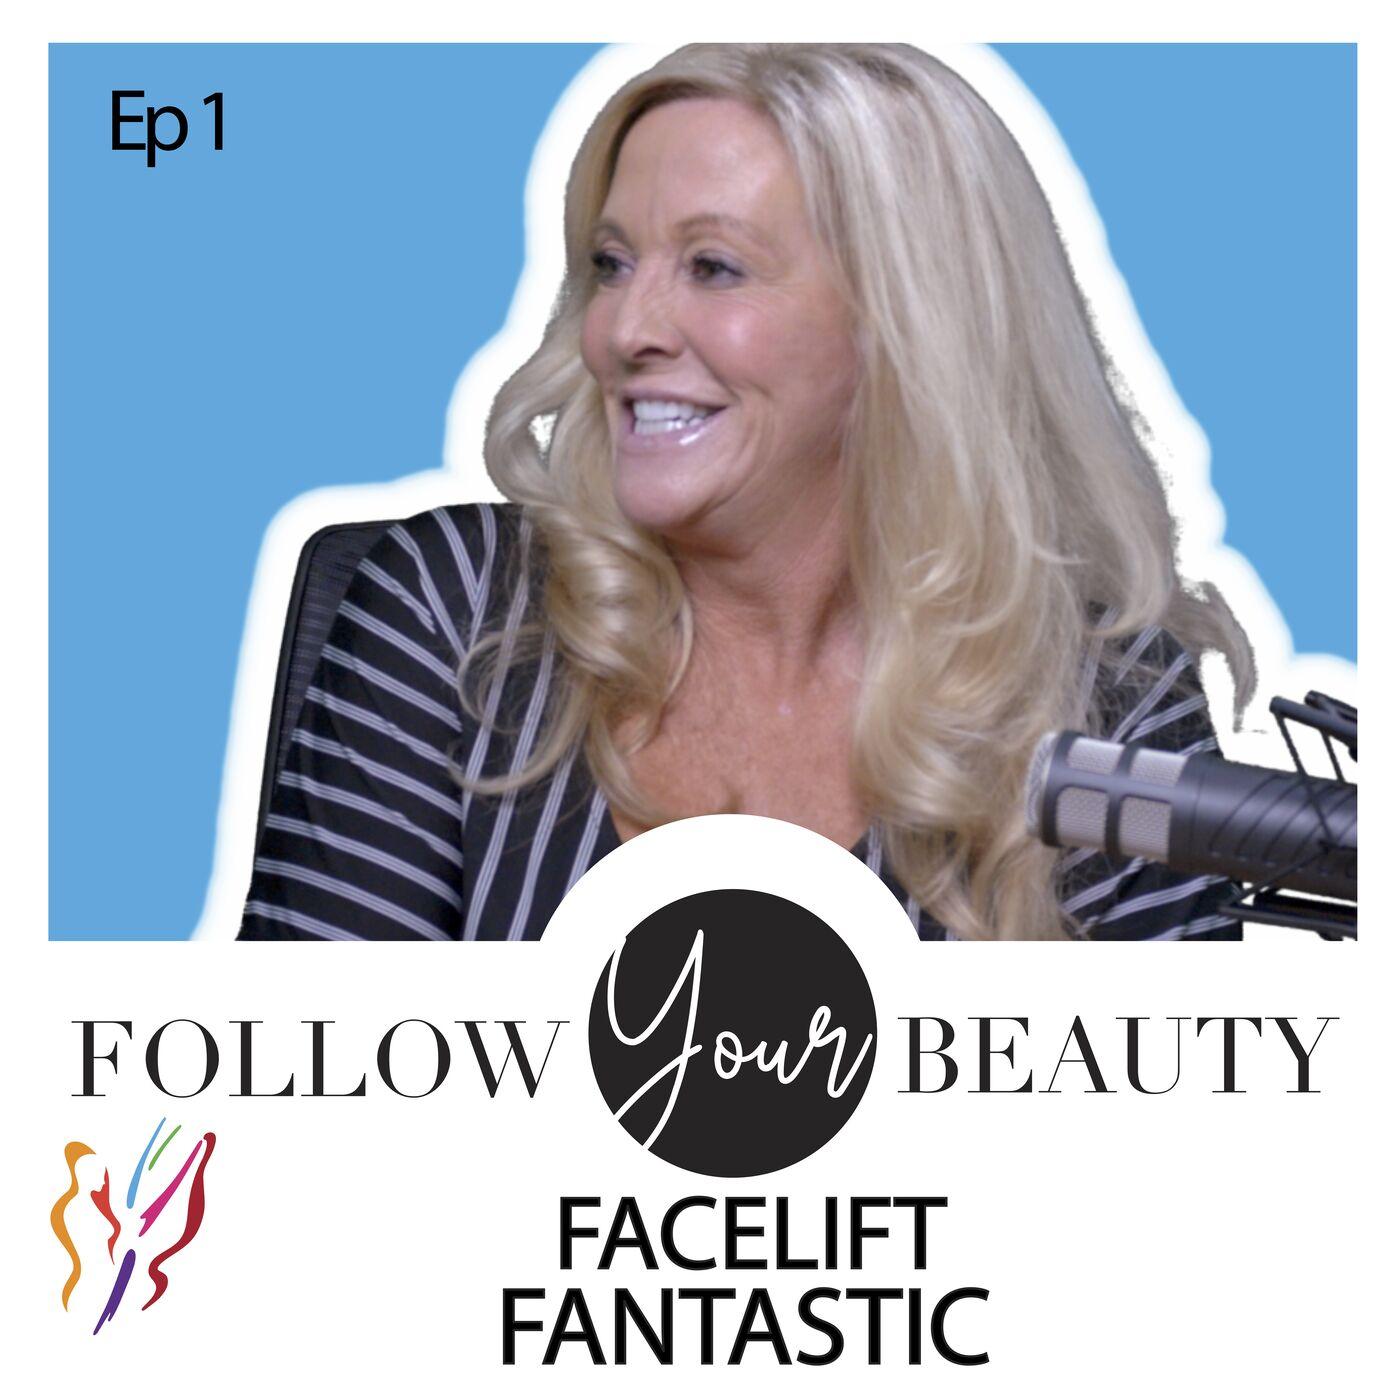 Follow Your Beauty - Let's Face It!